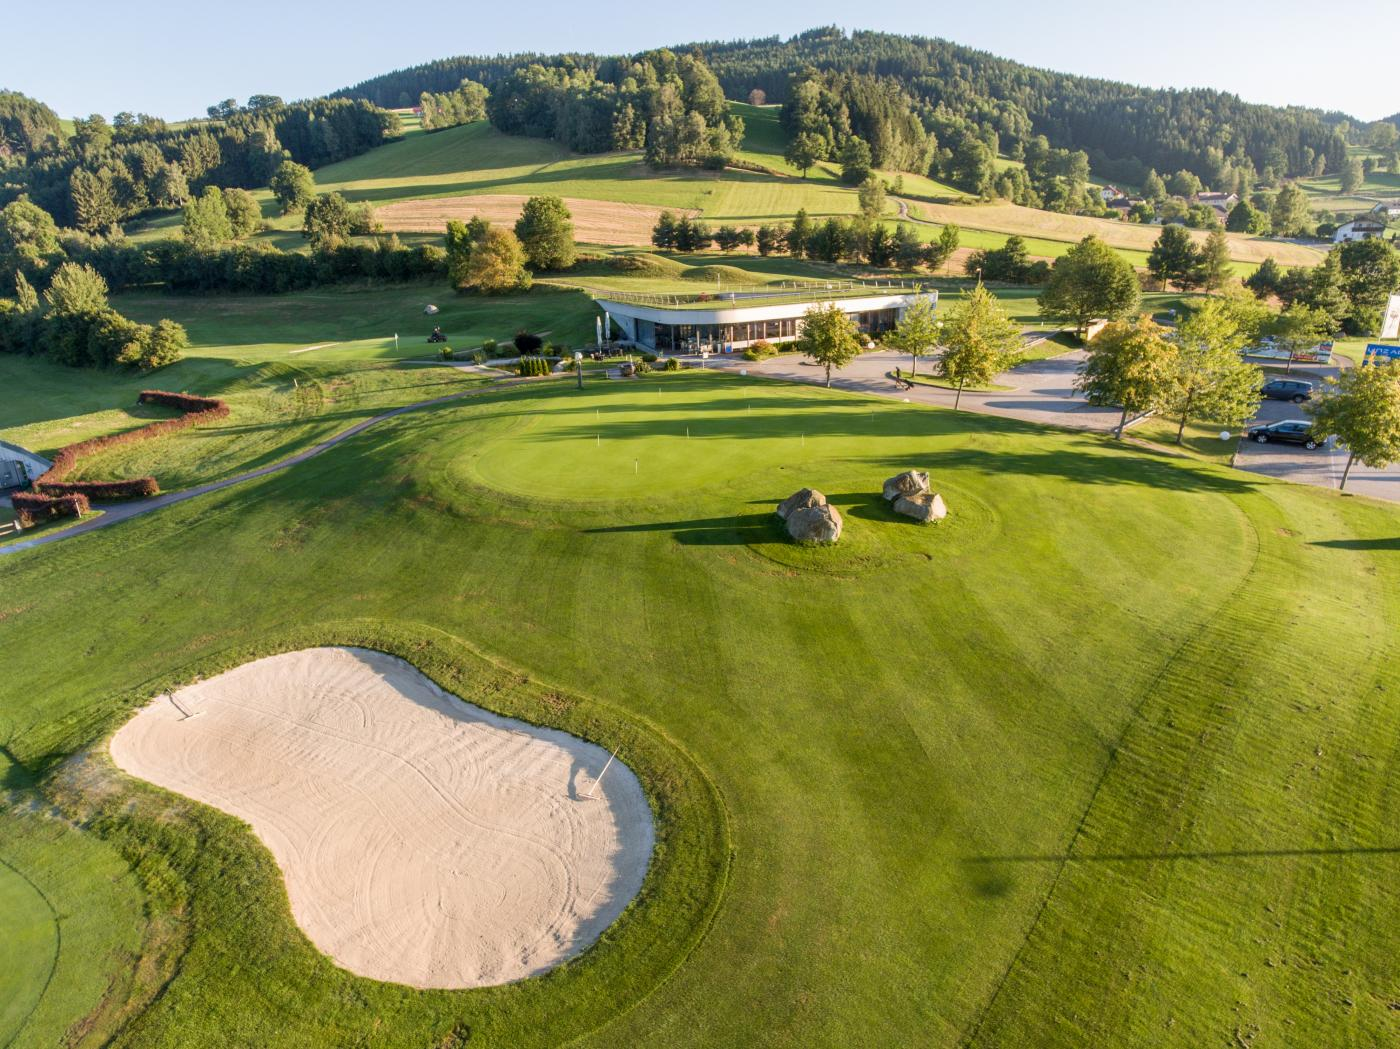 Golfurlaub Mühlviertel - Golfclub St. Oswald bei Freistadt | Clubhaus-Puttinggreen